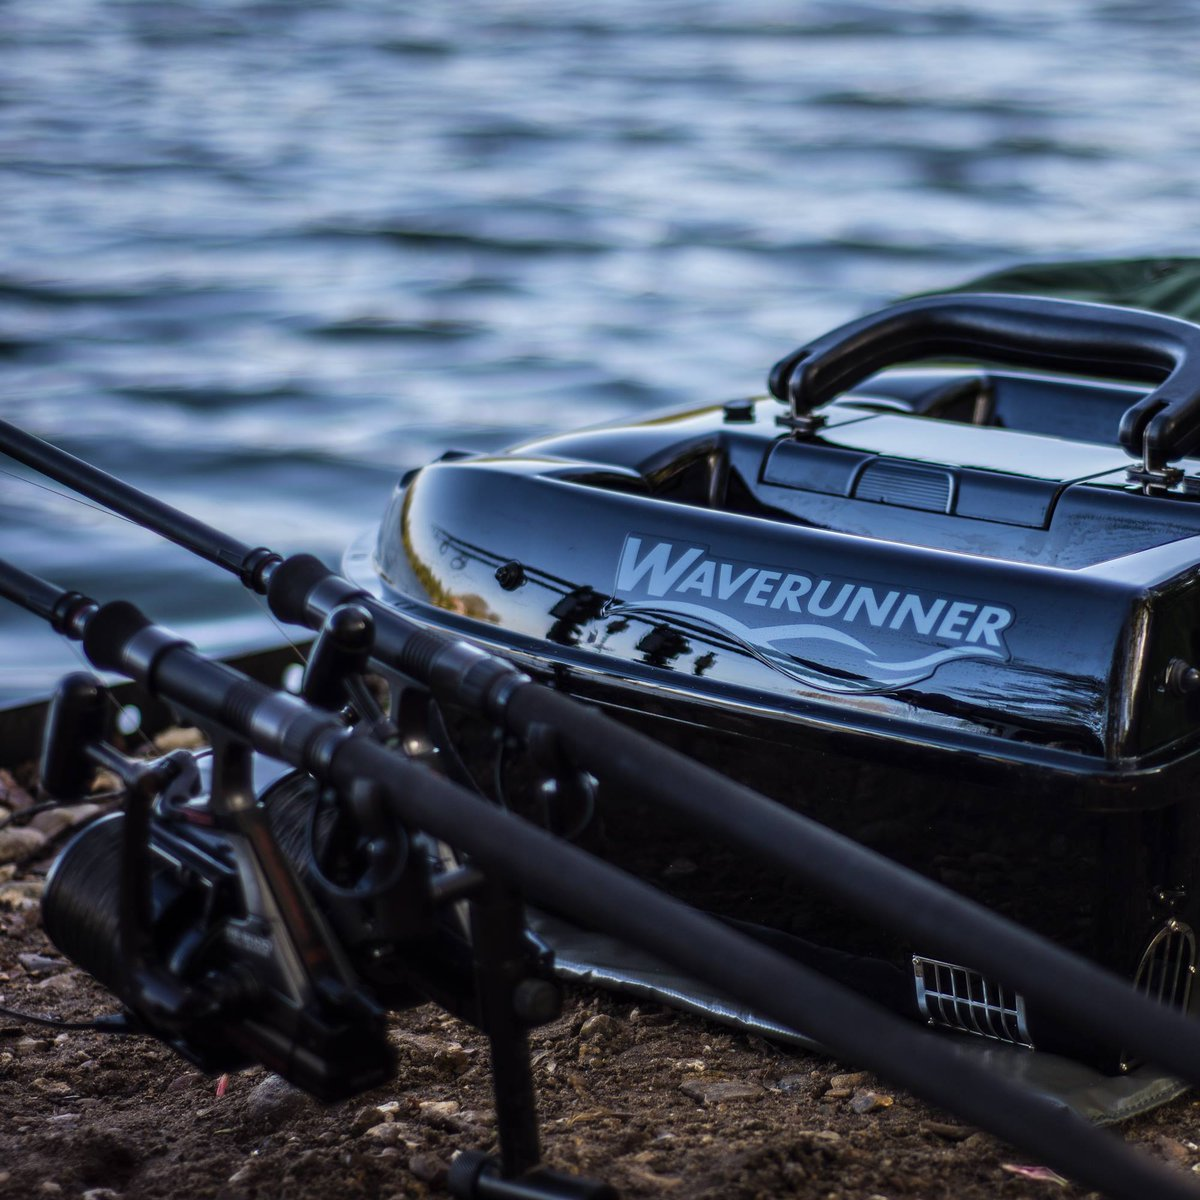 Are you fishing?  https://t.co/XBoI0vZYg1  #atom #<b>Shuttle</b> #sport #mk4 #waverunner #baitboat #